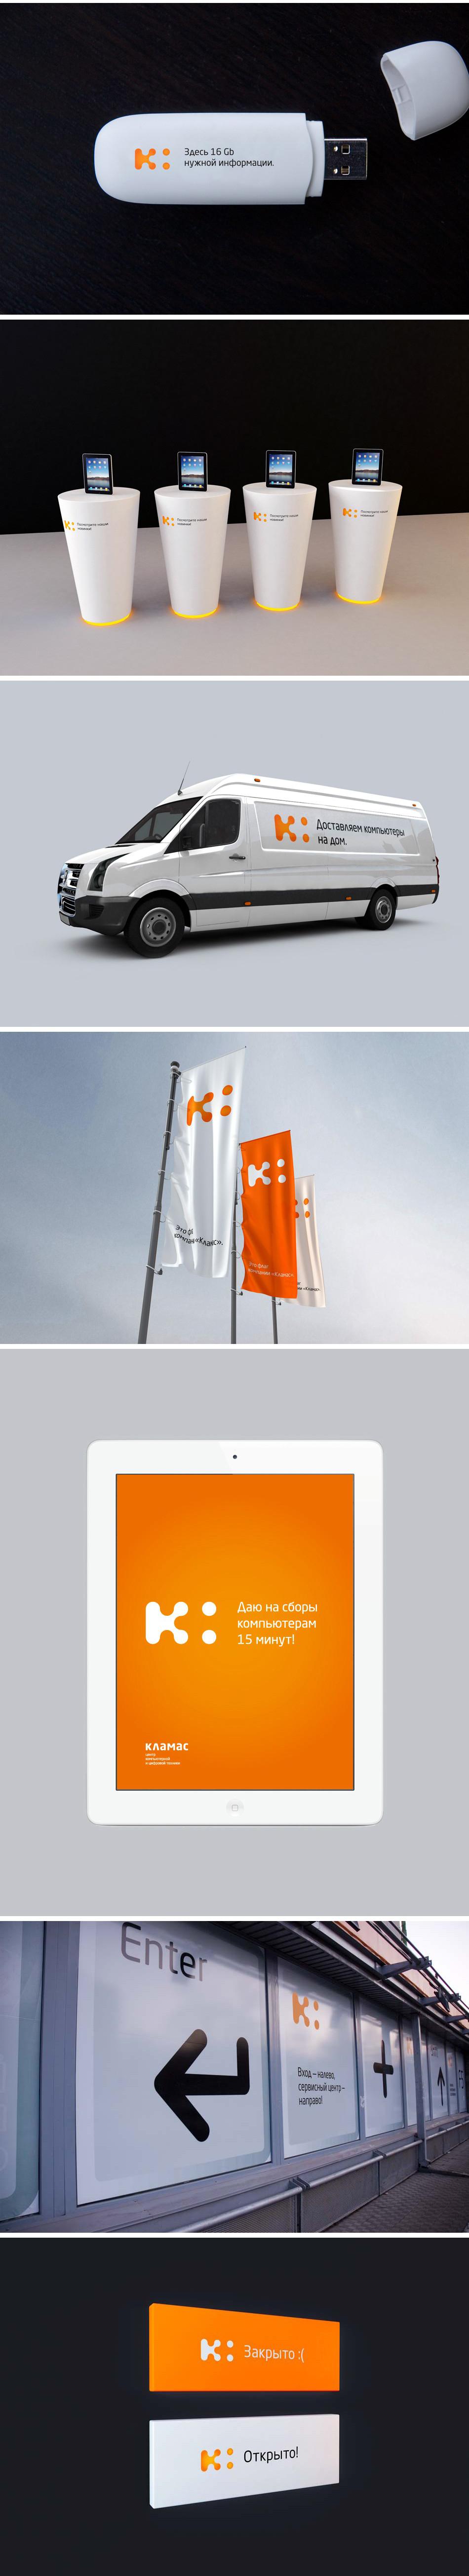 visual idenity / k 02 }-> repinned by www.BlickeDeeler.de